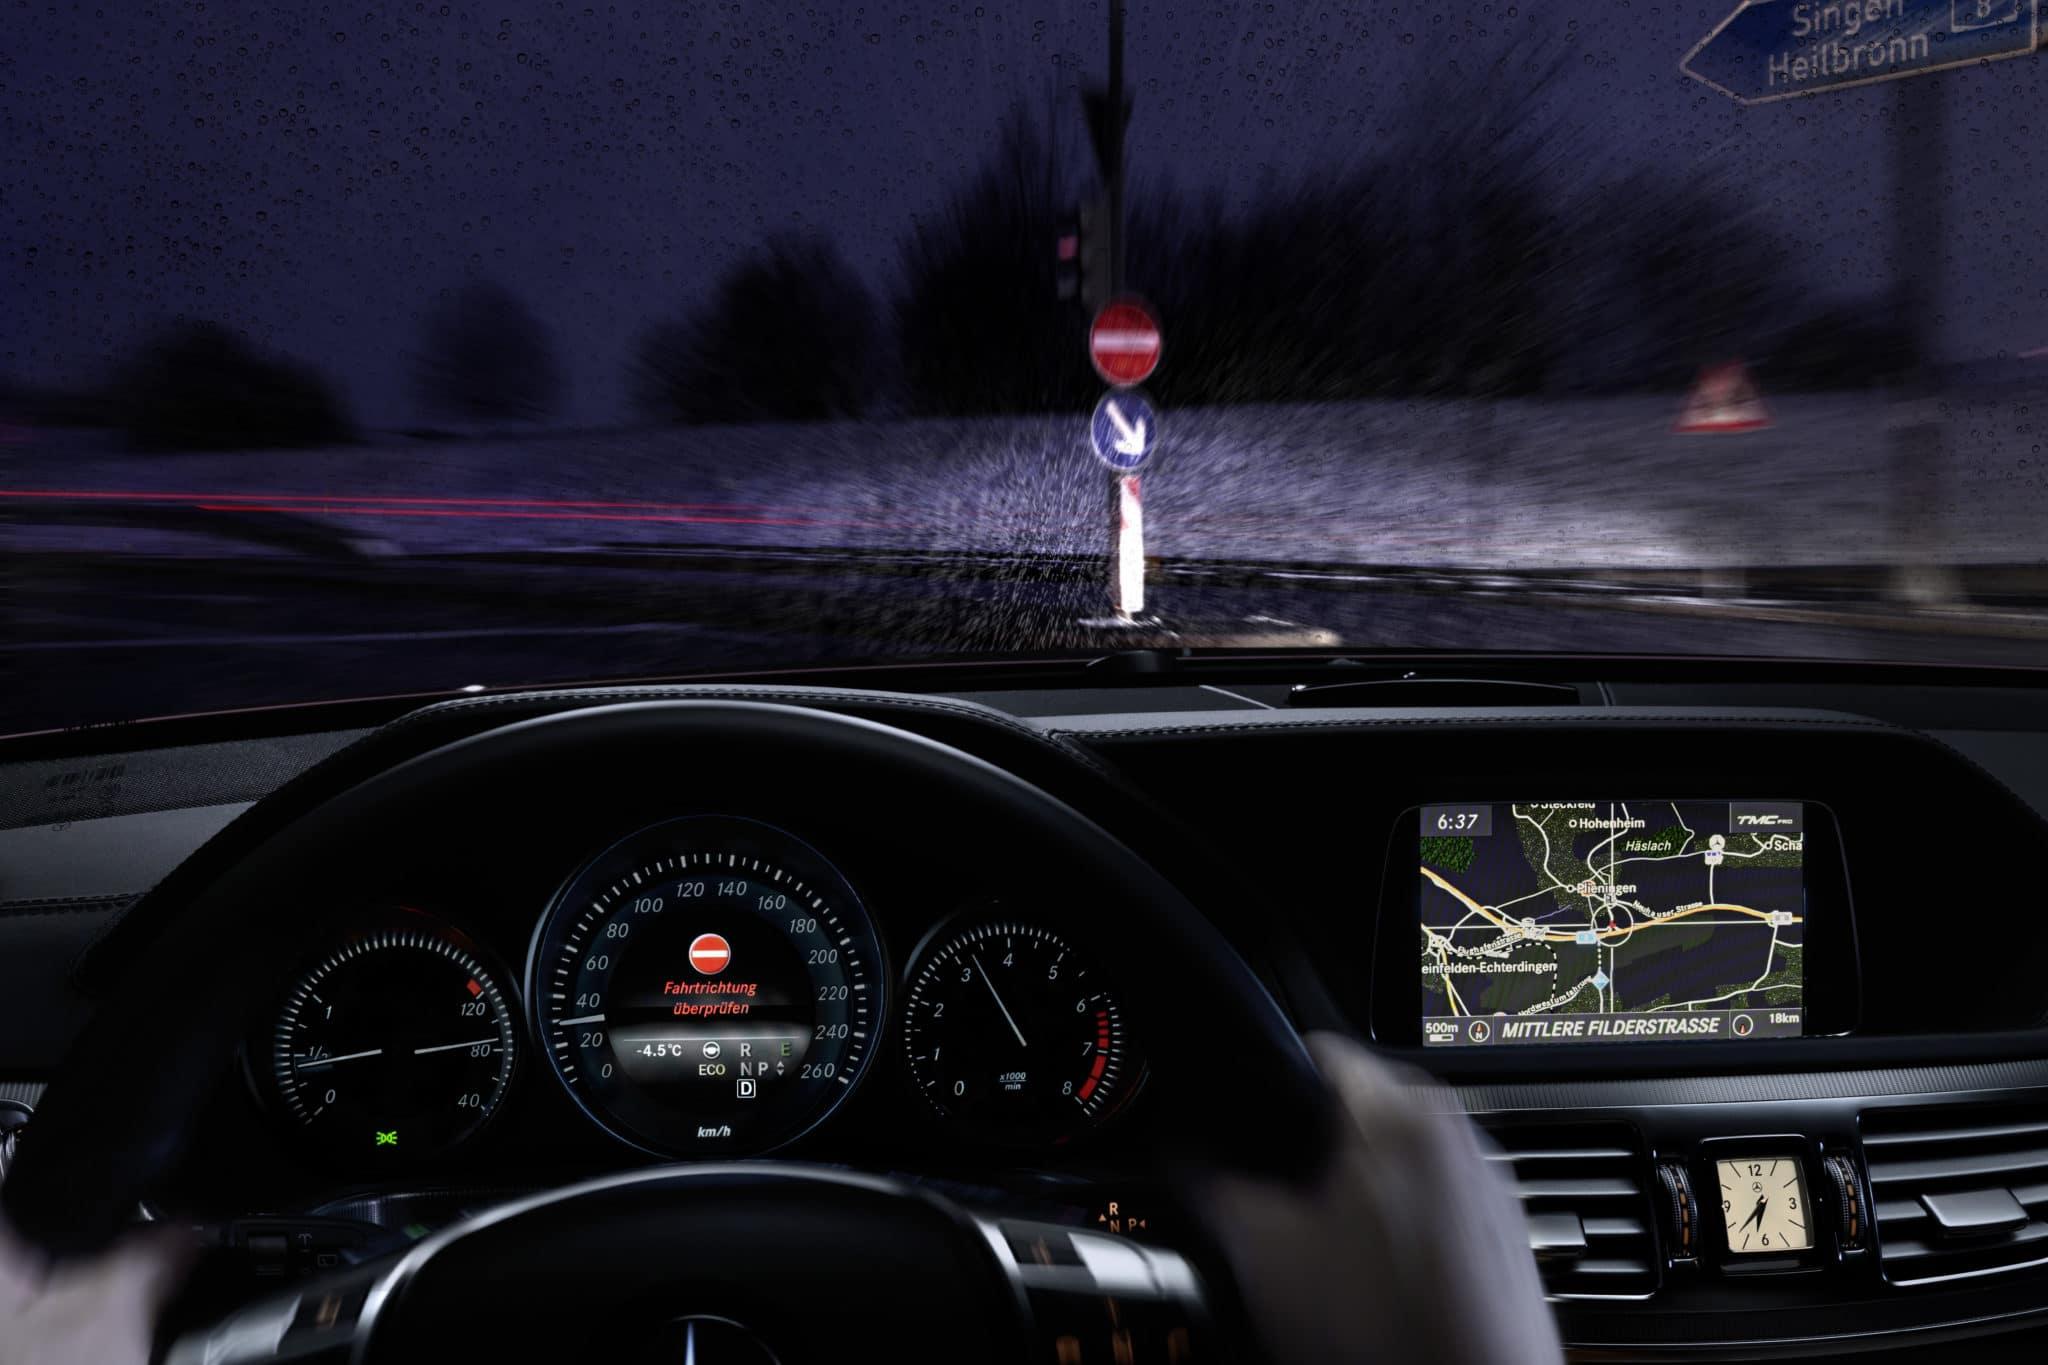 Mercedes-Benz lancia sul mercato il primo sistema di assistenza alla guida che rileva la marcia contromano 12